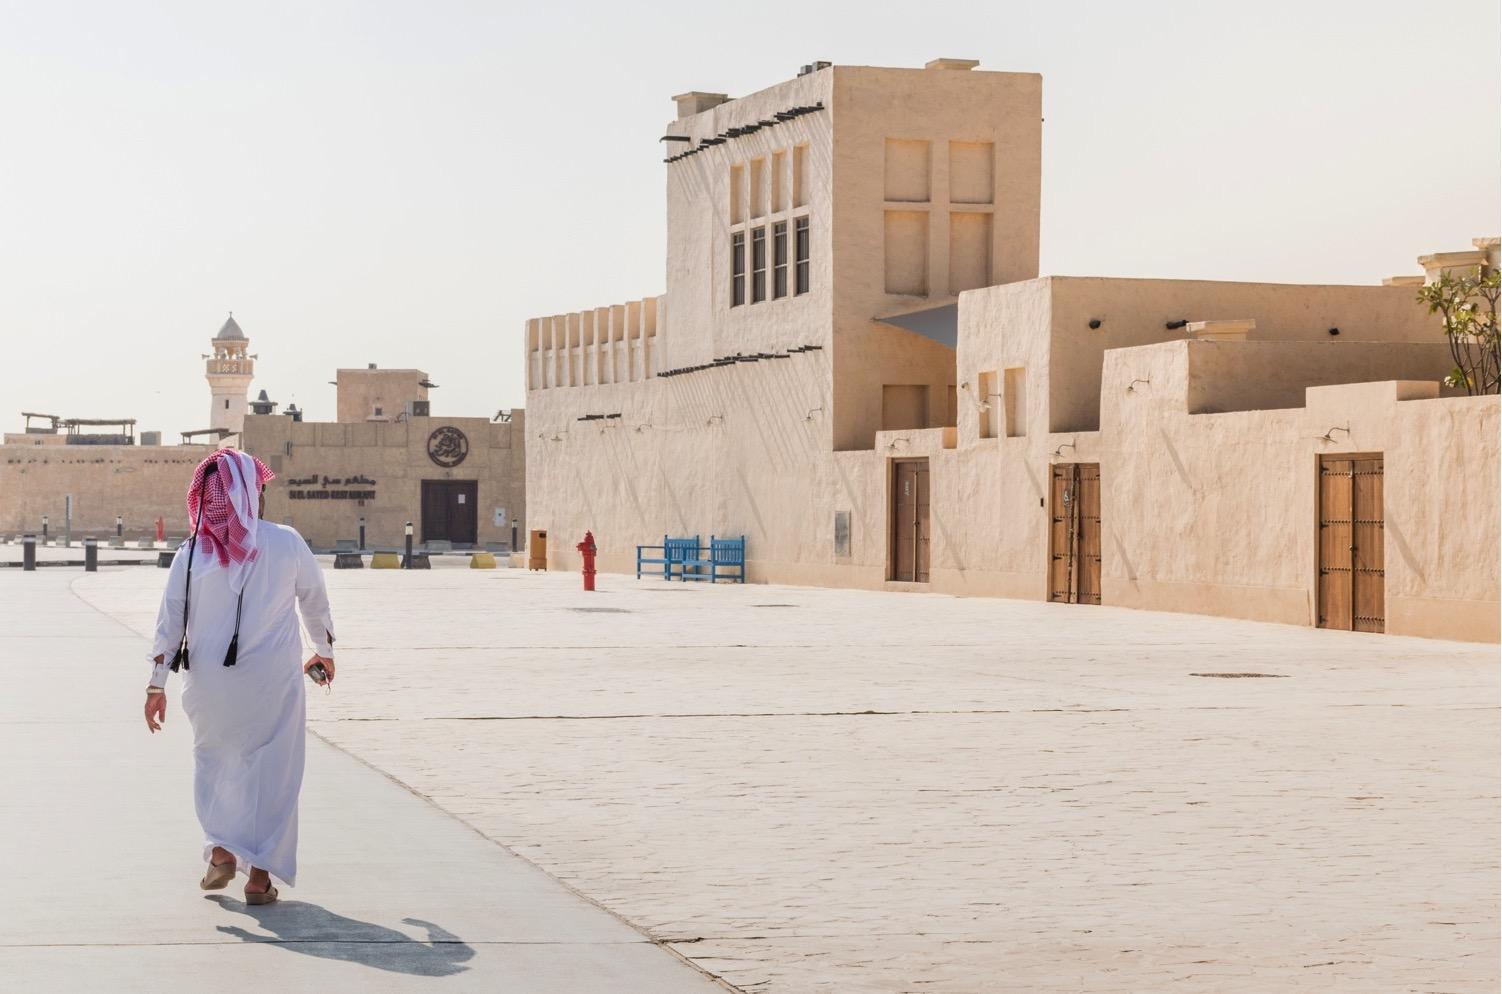 Al Wakrah au Qatar : une ville à visiter absolument